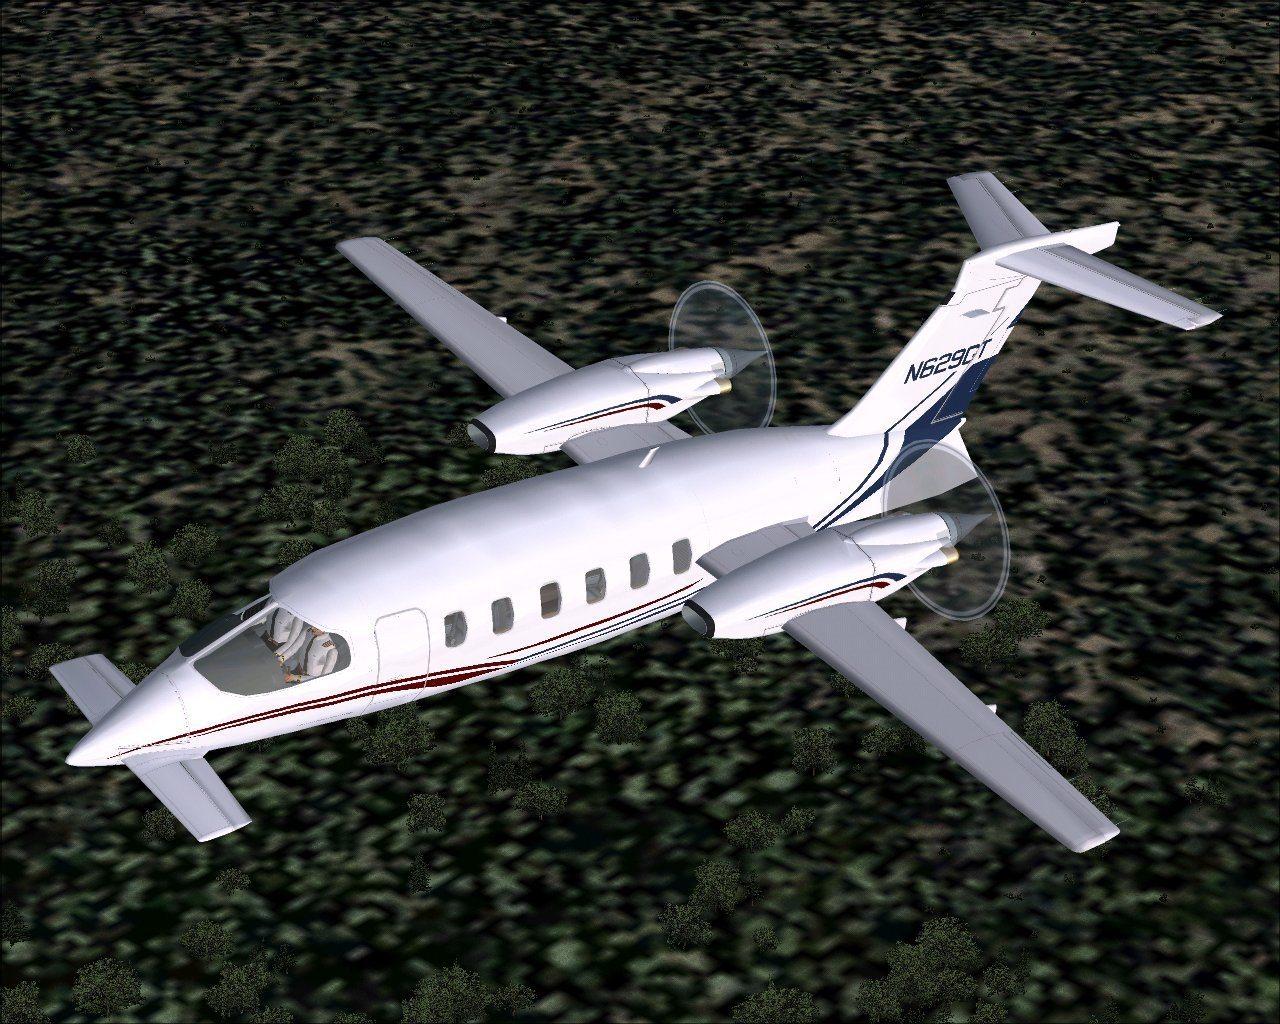 An aircraft sample